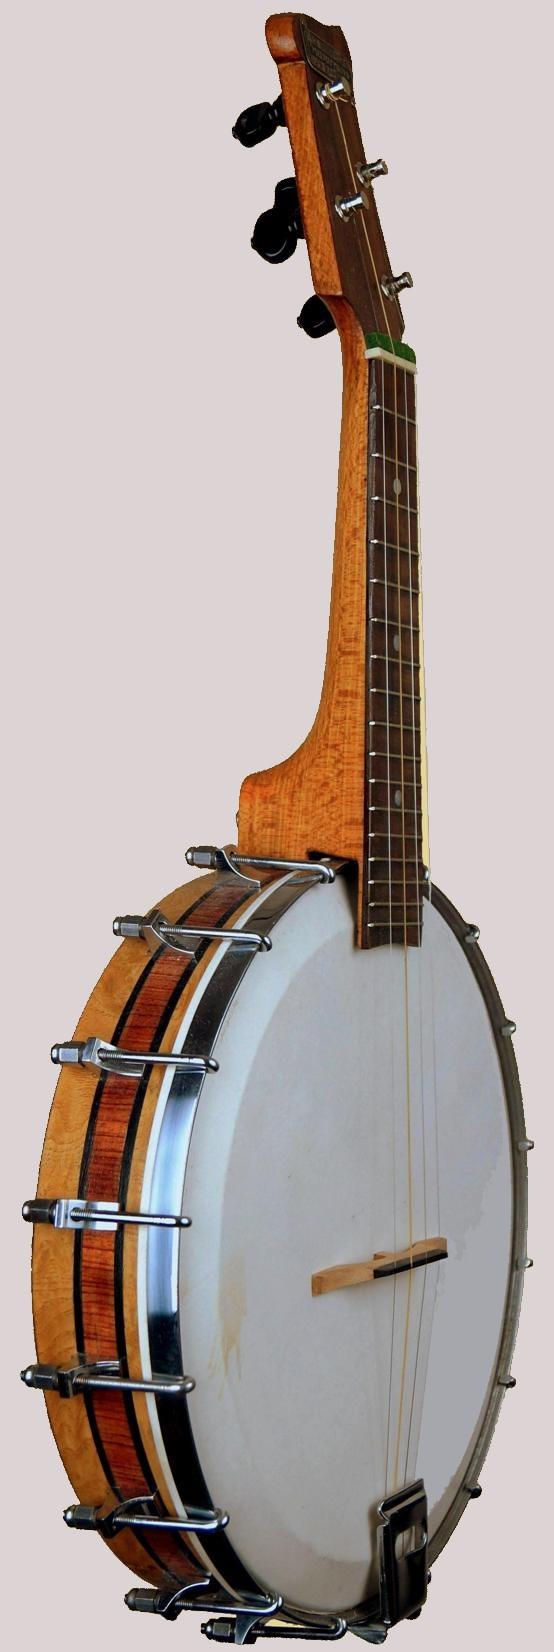 UK birmingham england banjo ukelele